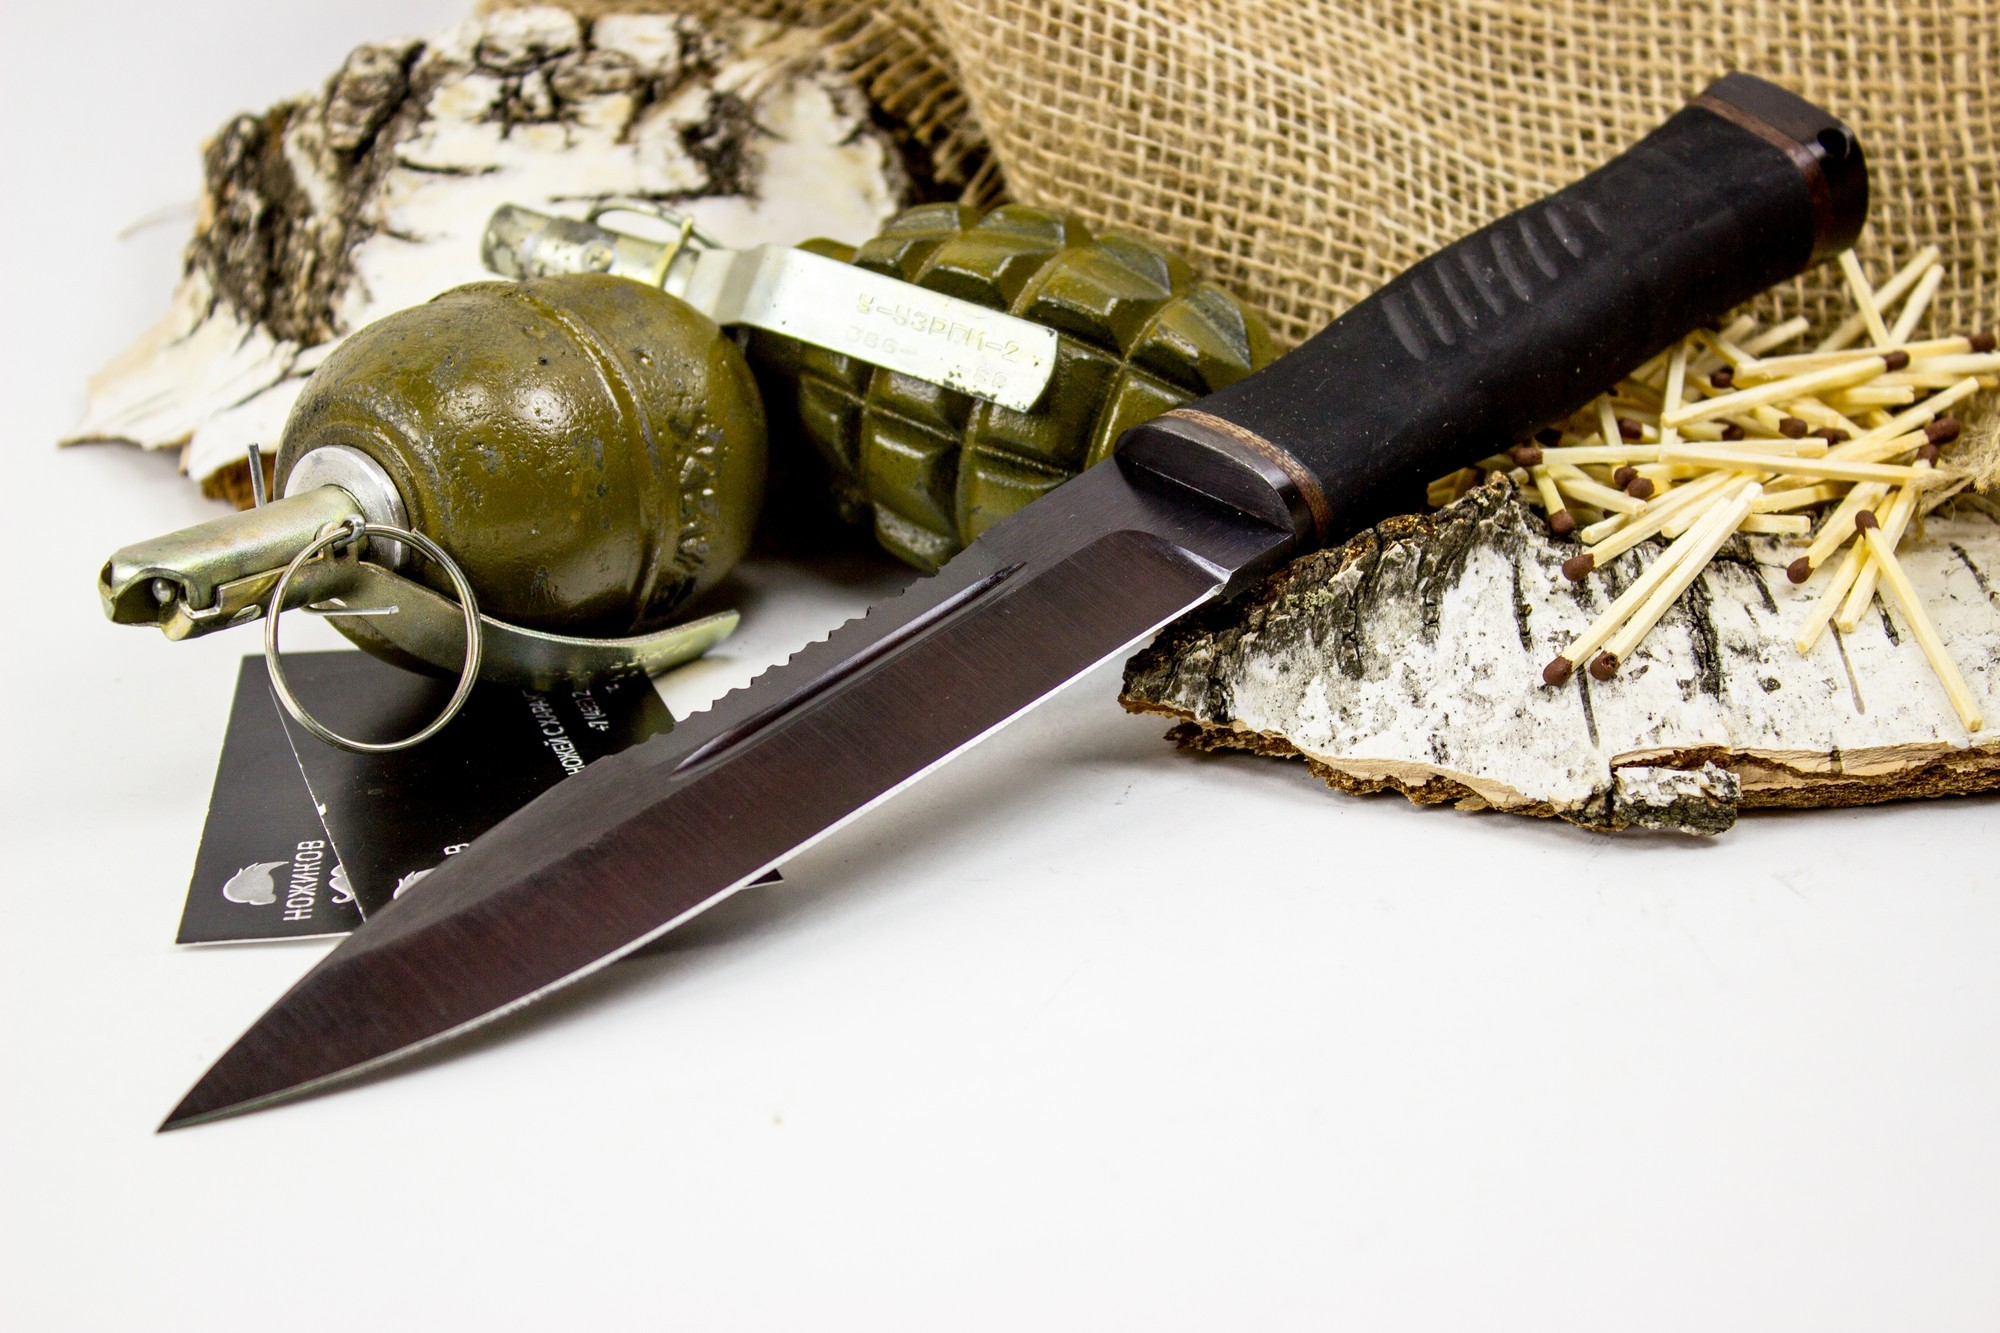 Фото 6 - Нож Казак-2, сталь 65Г, резина от Титов и Солдатова